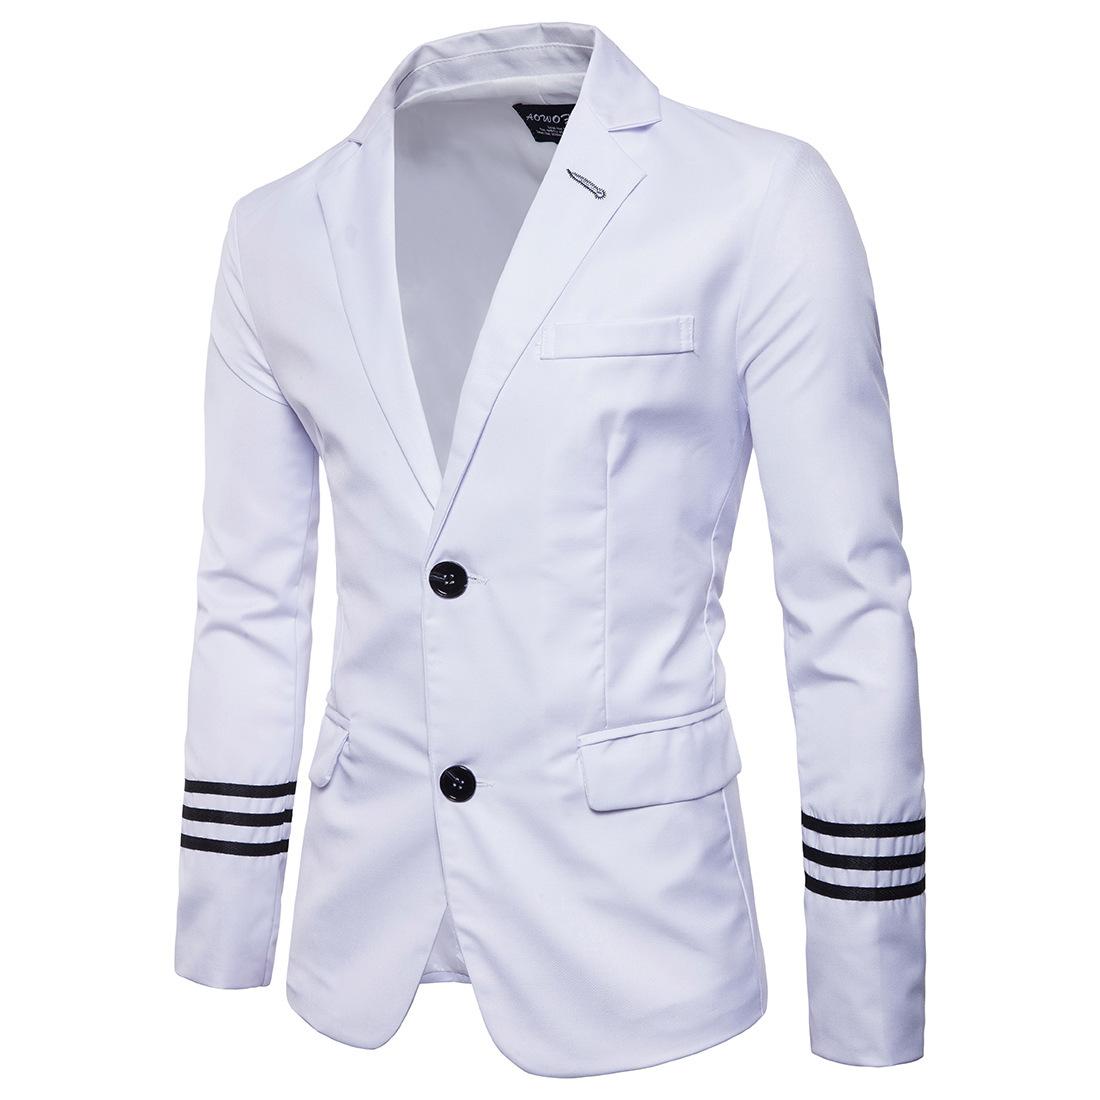 Quick sell eBay new men's two button suit top wedding best man's suit European size slim suit jacket